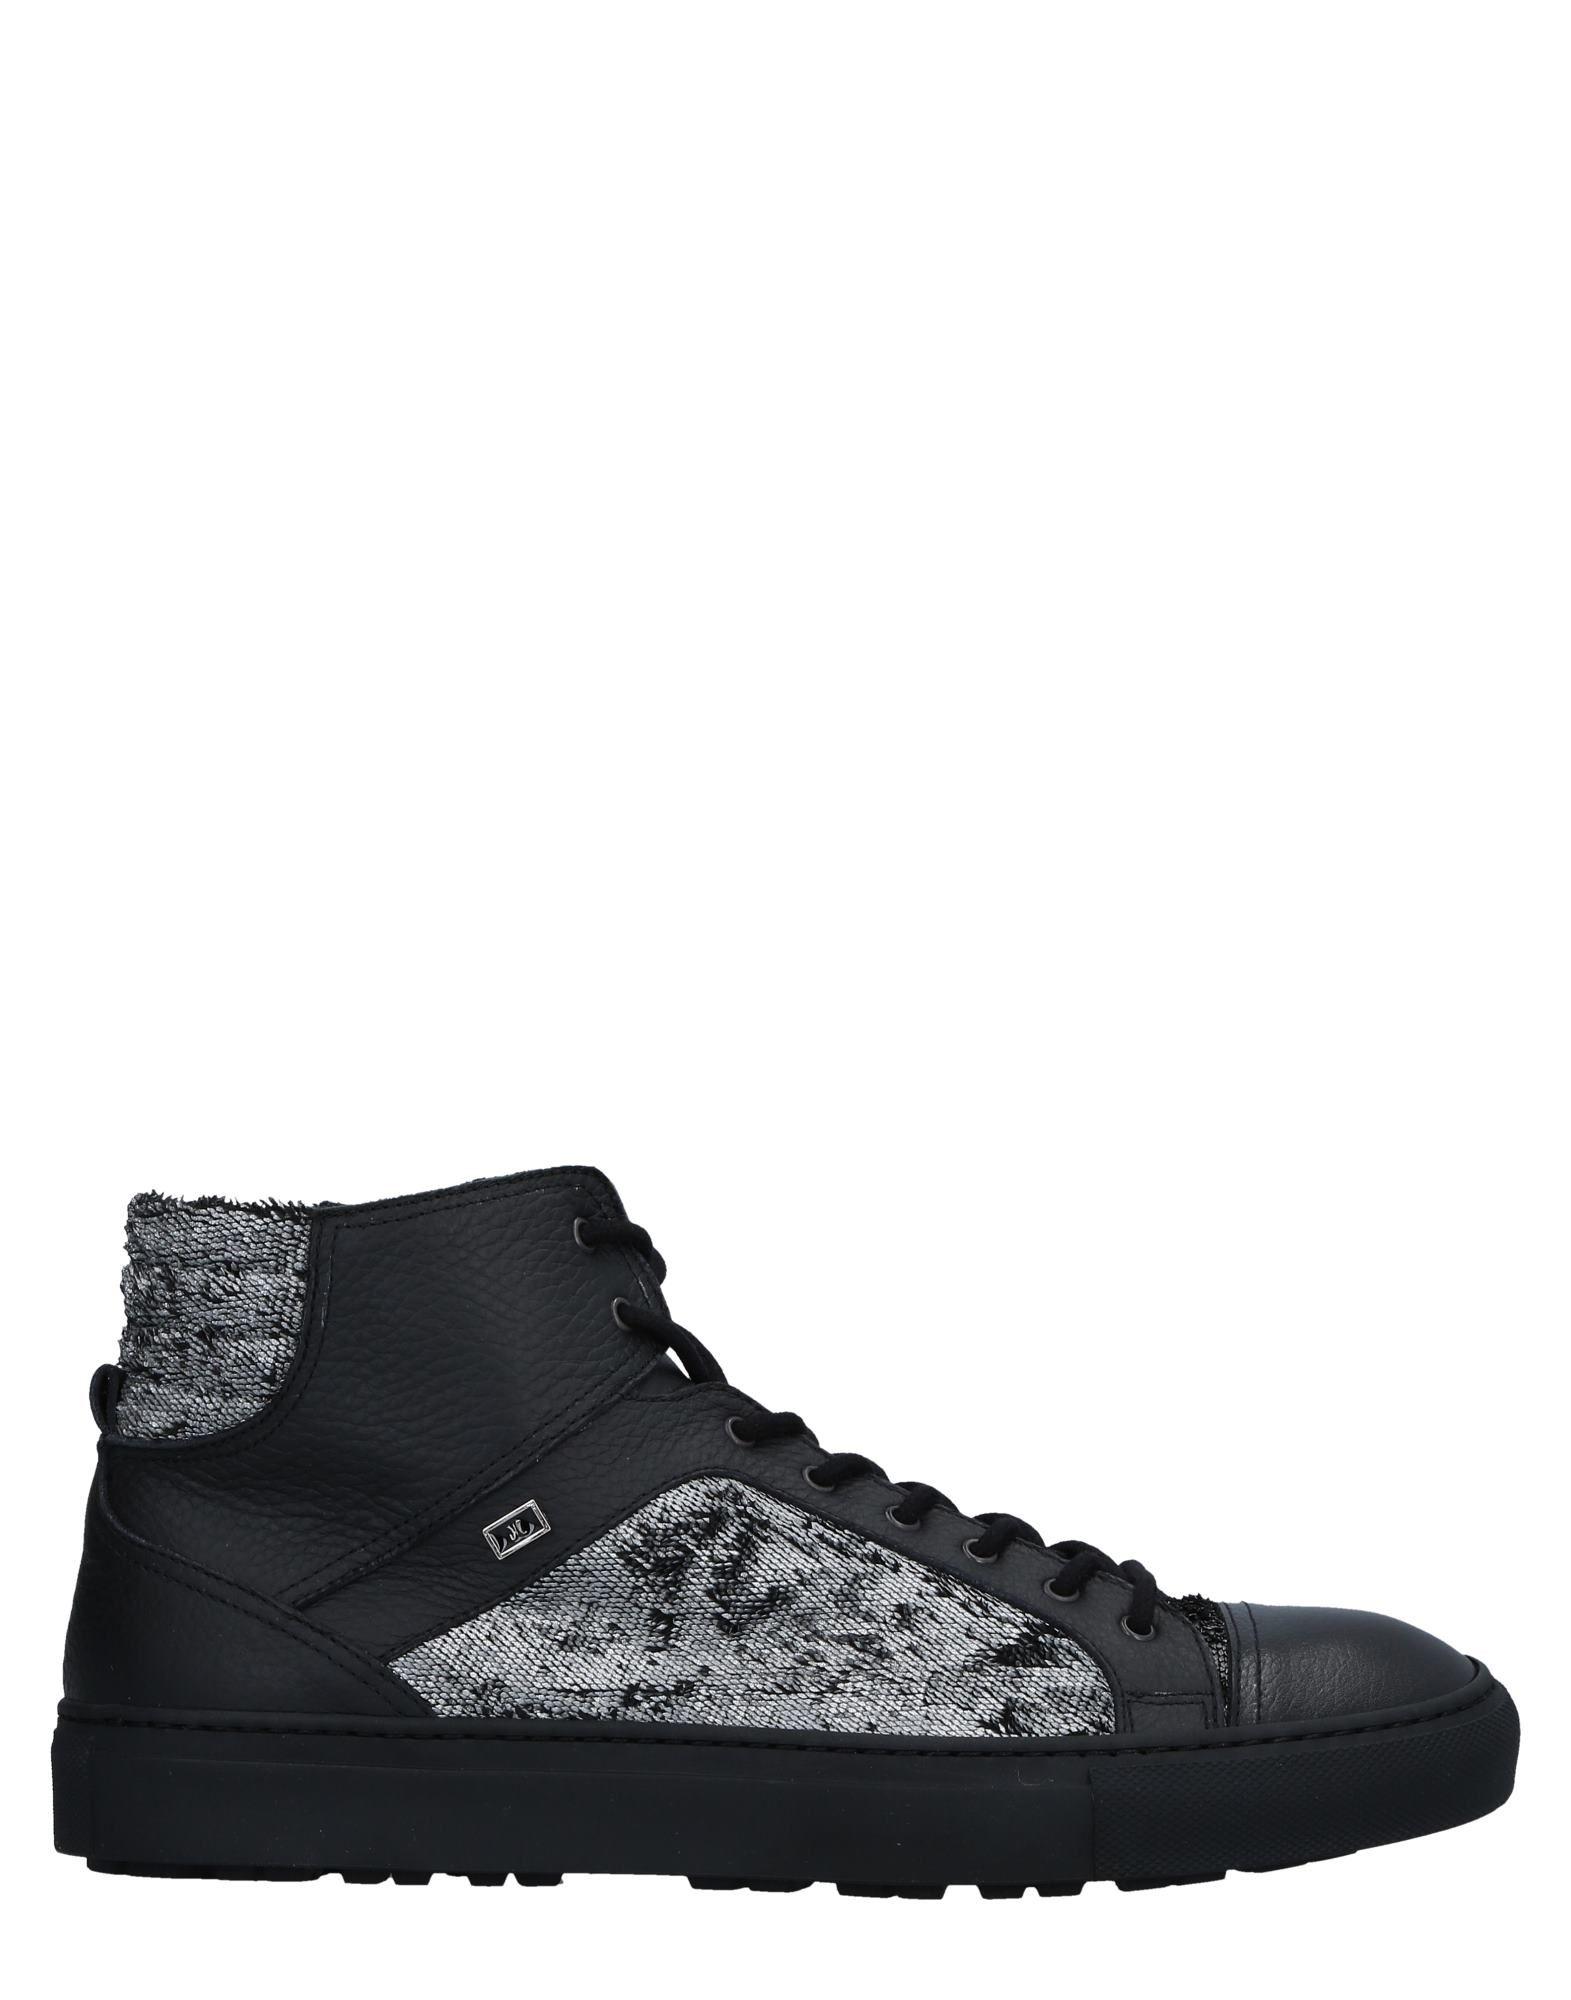 Sneakers Giovanni Conti Homme - Sneakers Giovanni Conti  Argent Super rabais